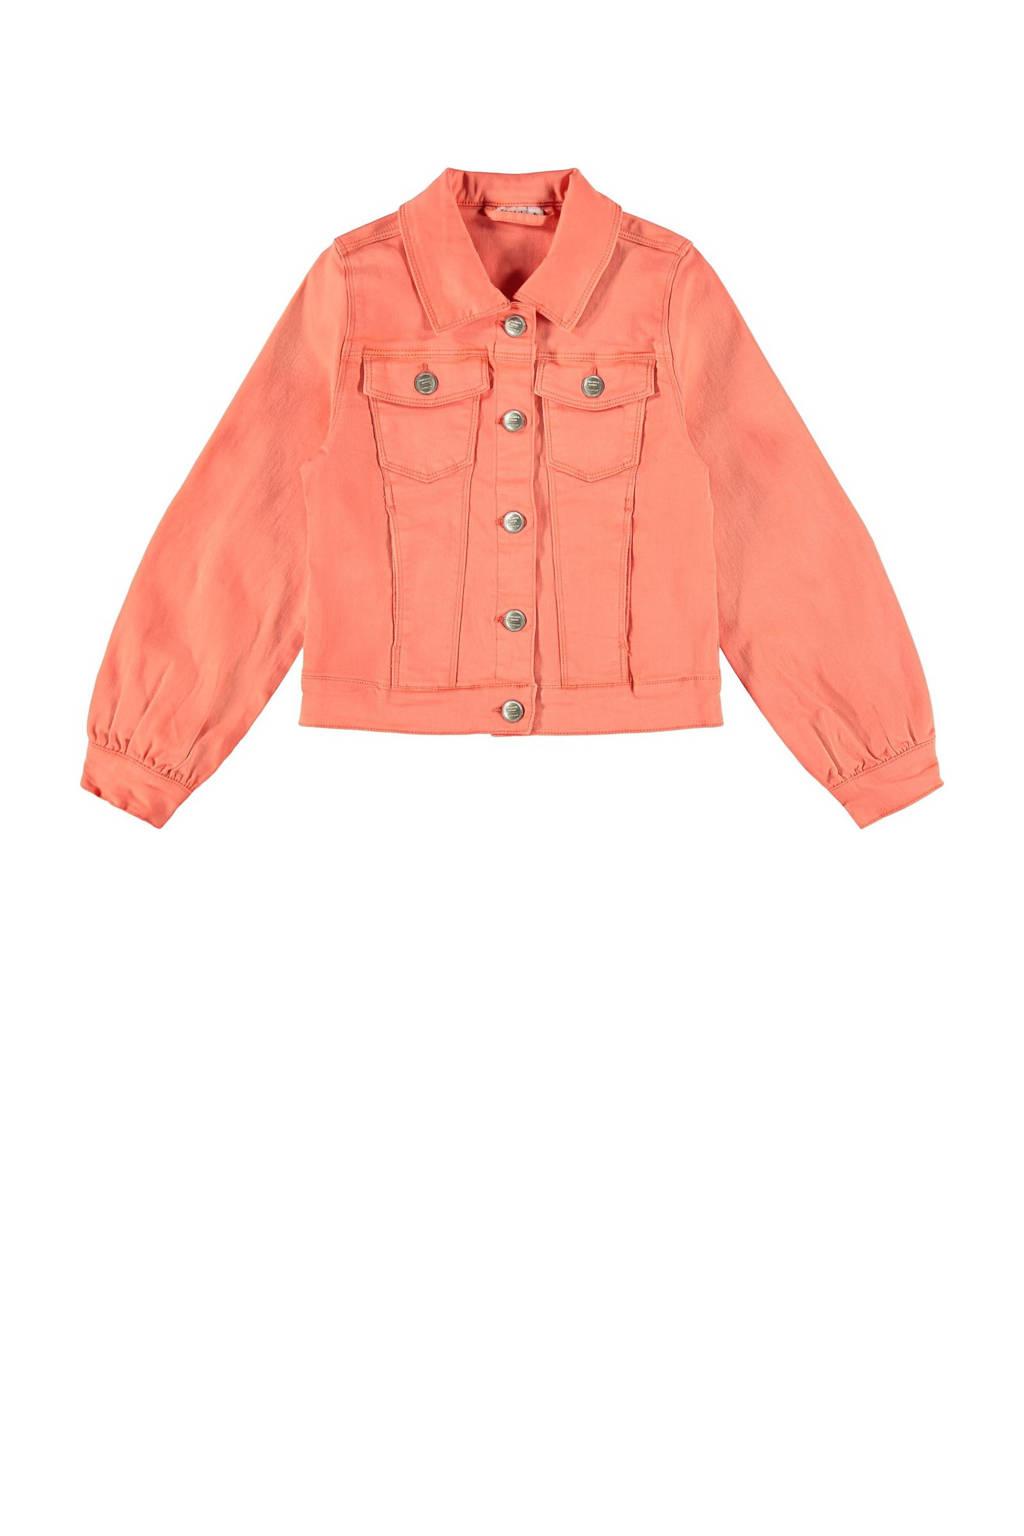 NAME IT KIDS spijkerjas Ataccas met biologisch katoen oranje, Oranje